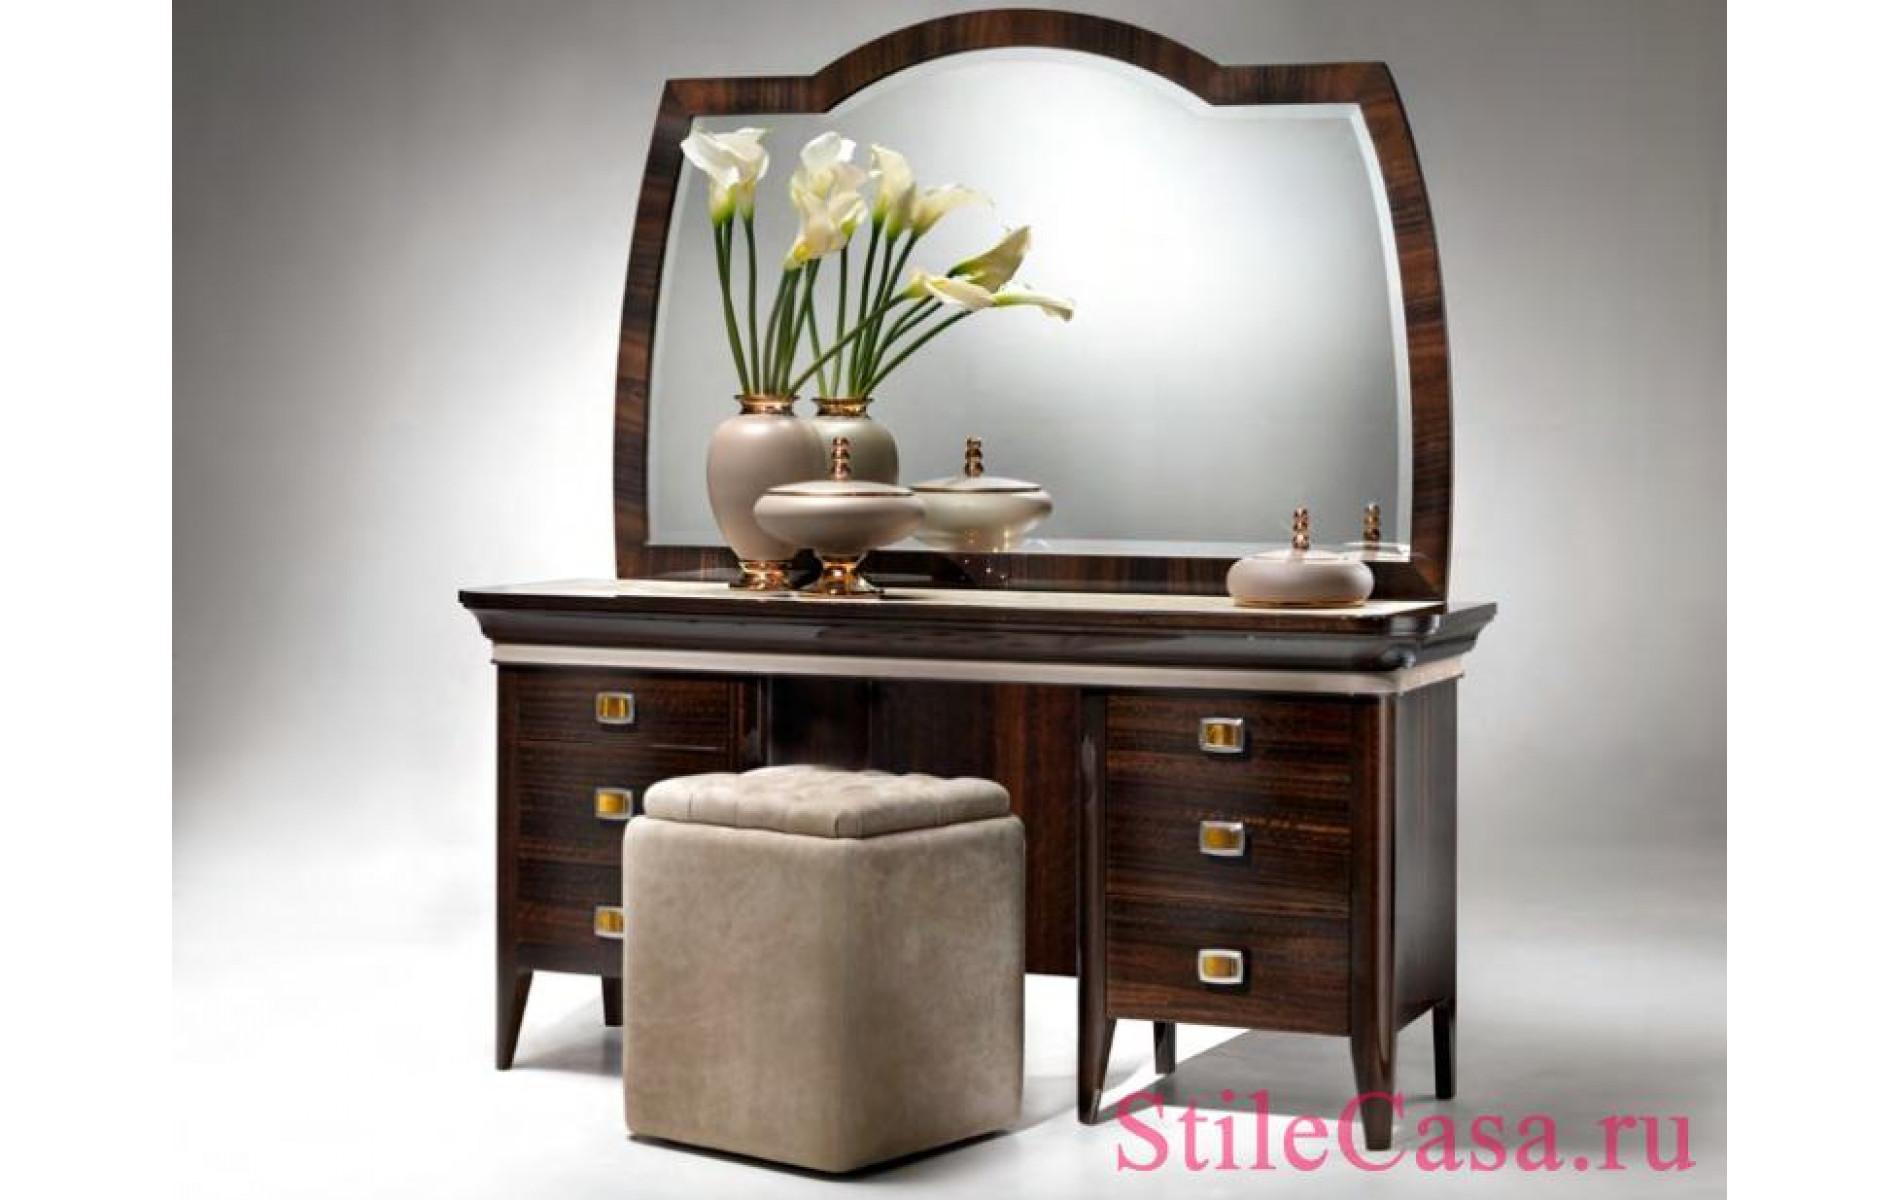 Дамский столик Art. MTC02, фабрика Bordignon Camillo